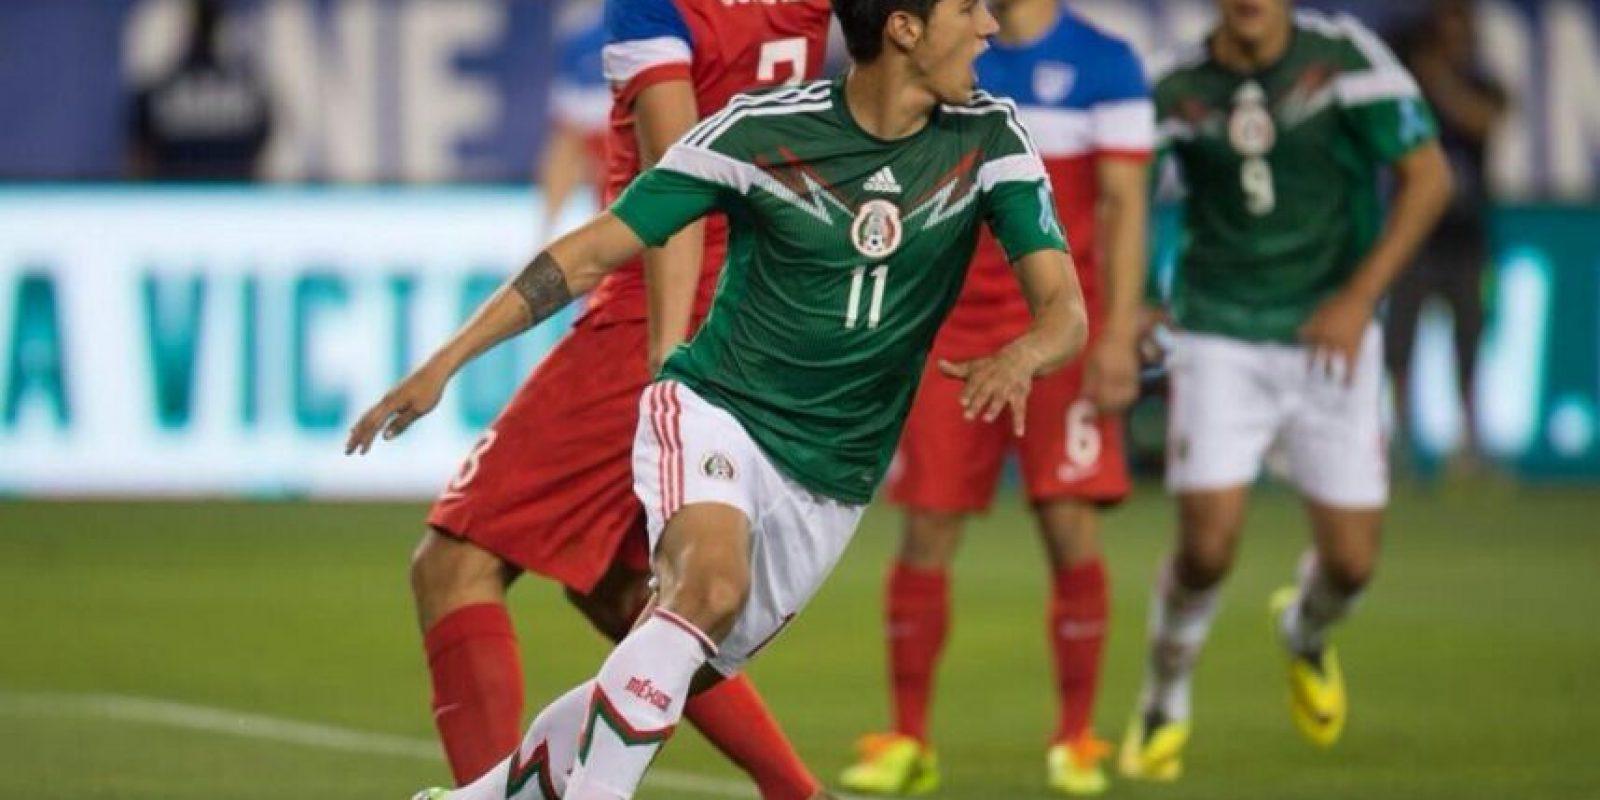 Se trata del mexicano Alan Pulido Foto:Vía twitter/PulidoTeam_DF